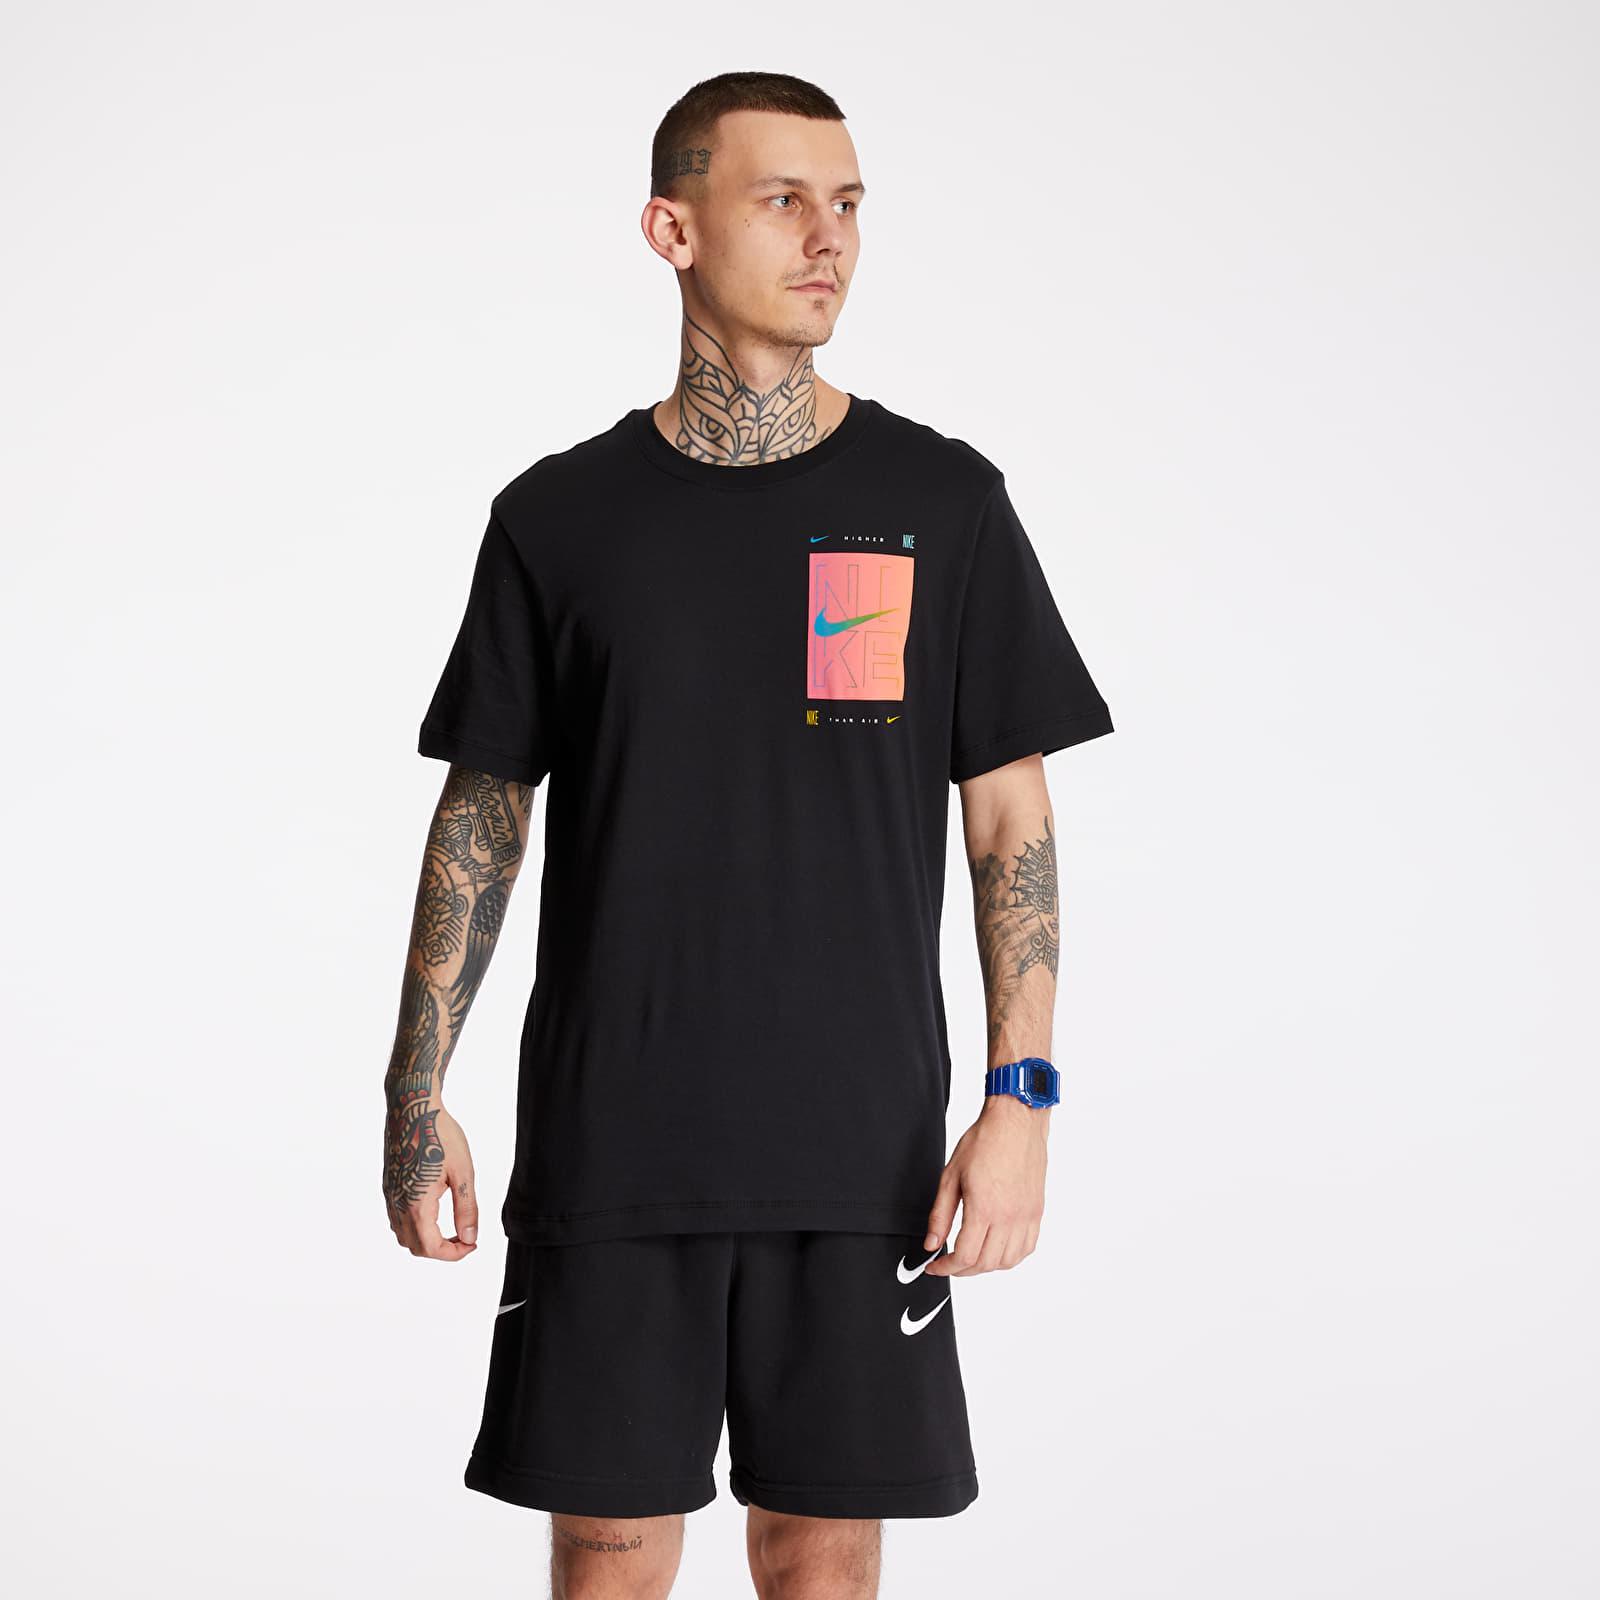 Nike Sportswear Snkr Cltr 4 Tee